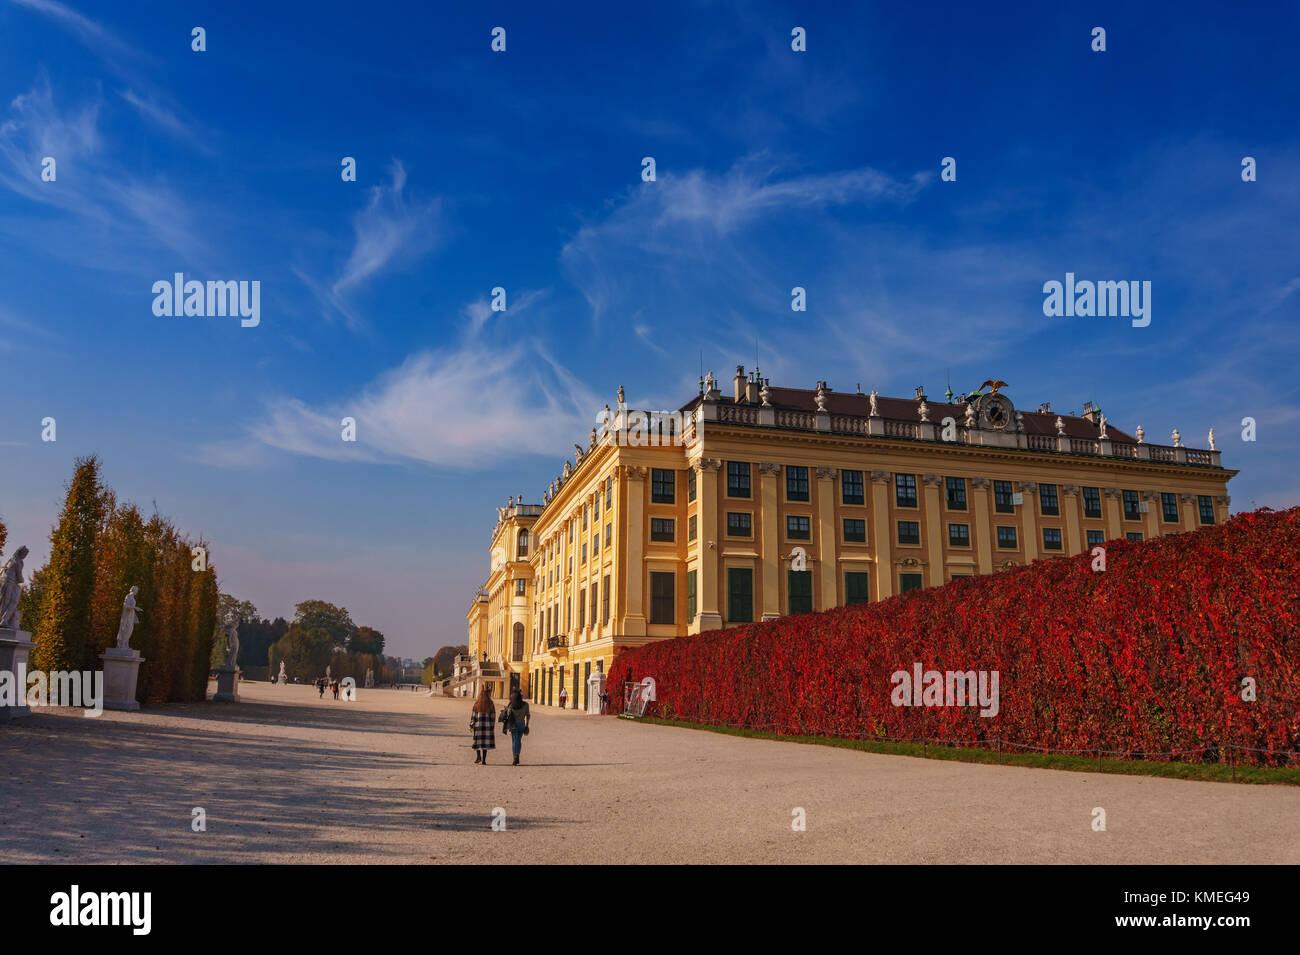 El palacio de Schonbrunn Viena en Austria, Europa. Imagen De Stock